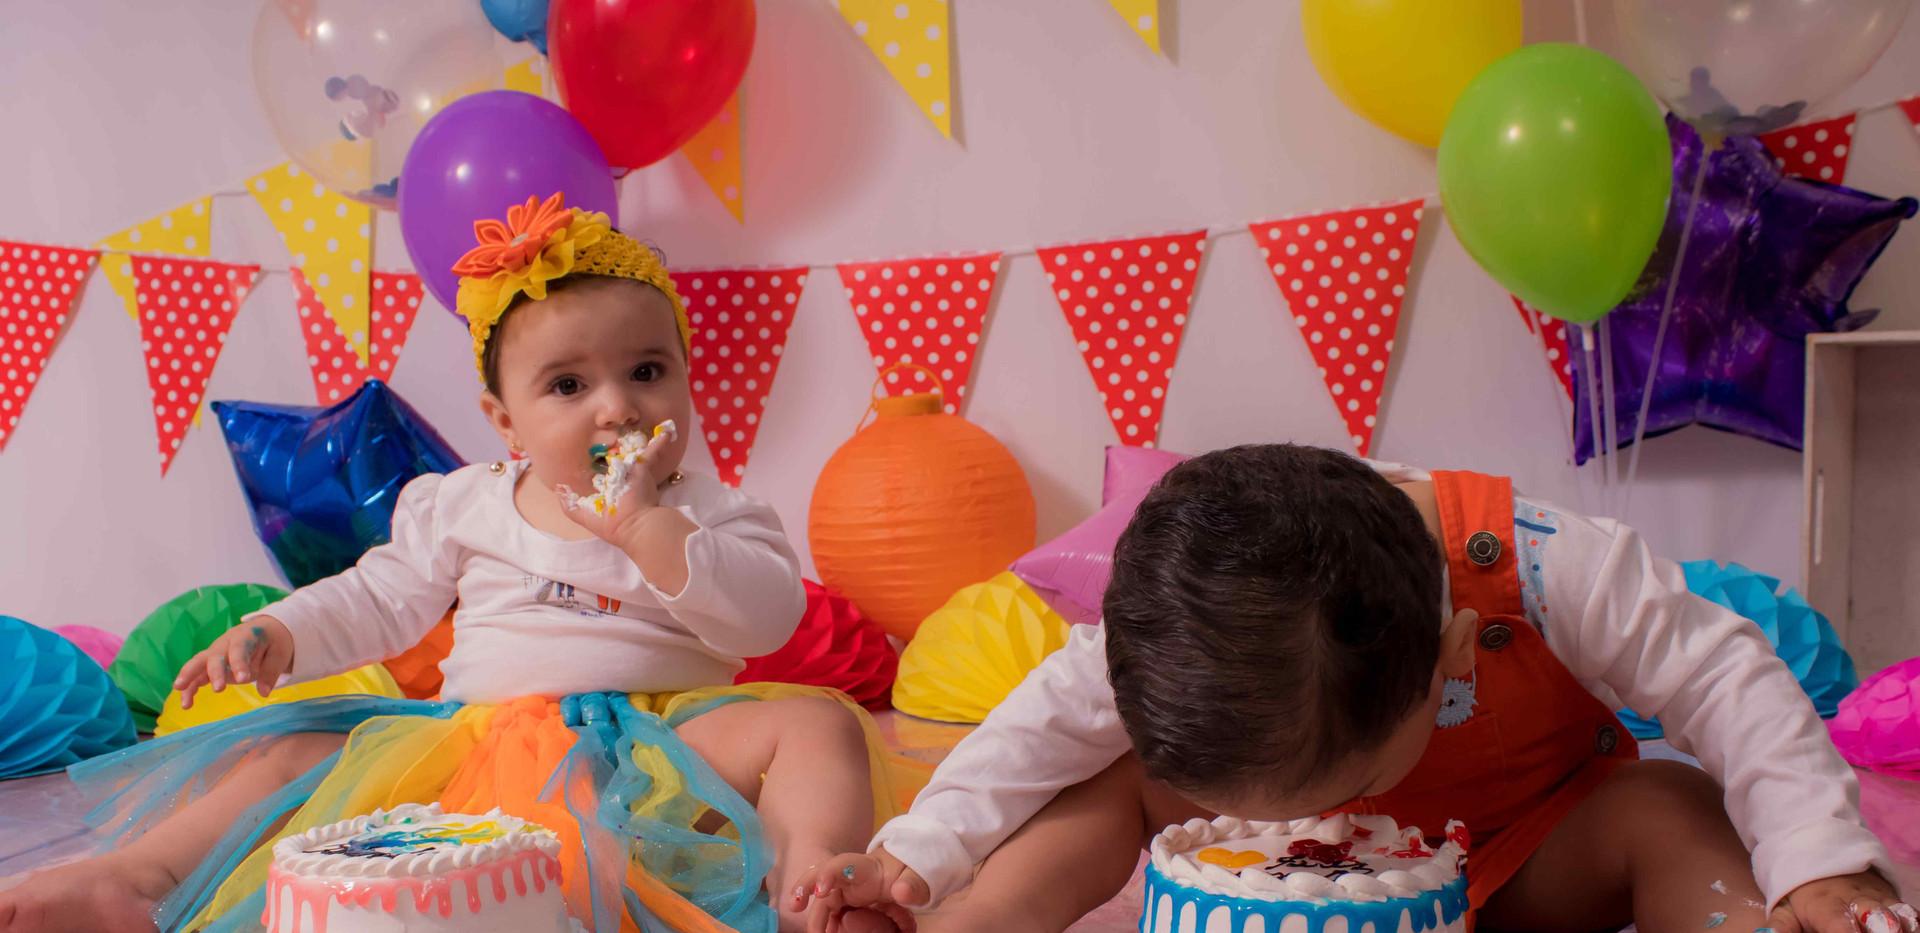 Fotografía de cumpleaños gemelos